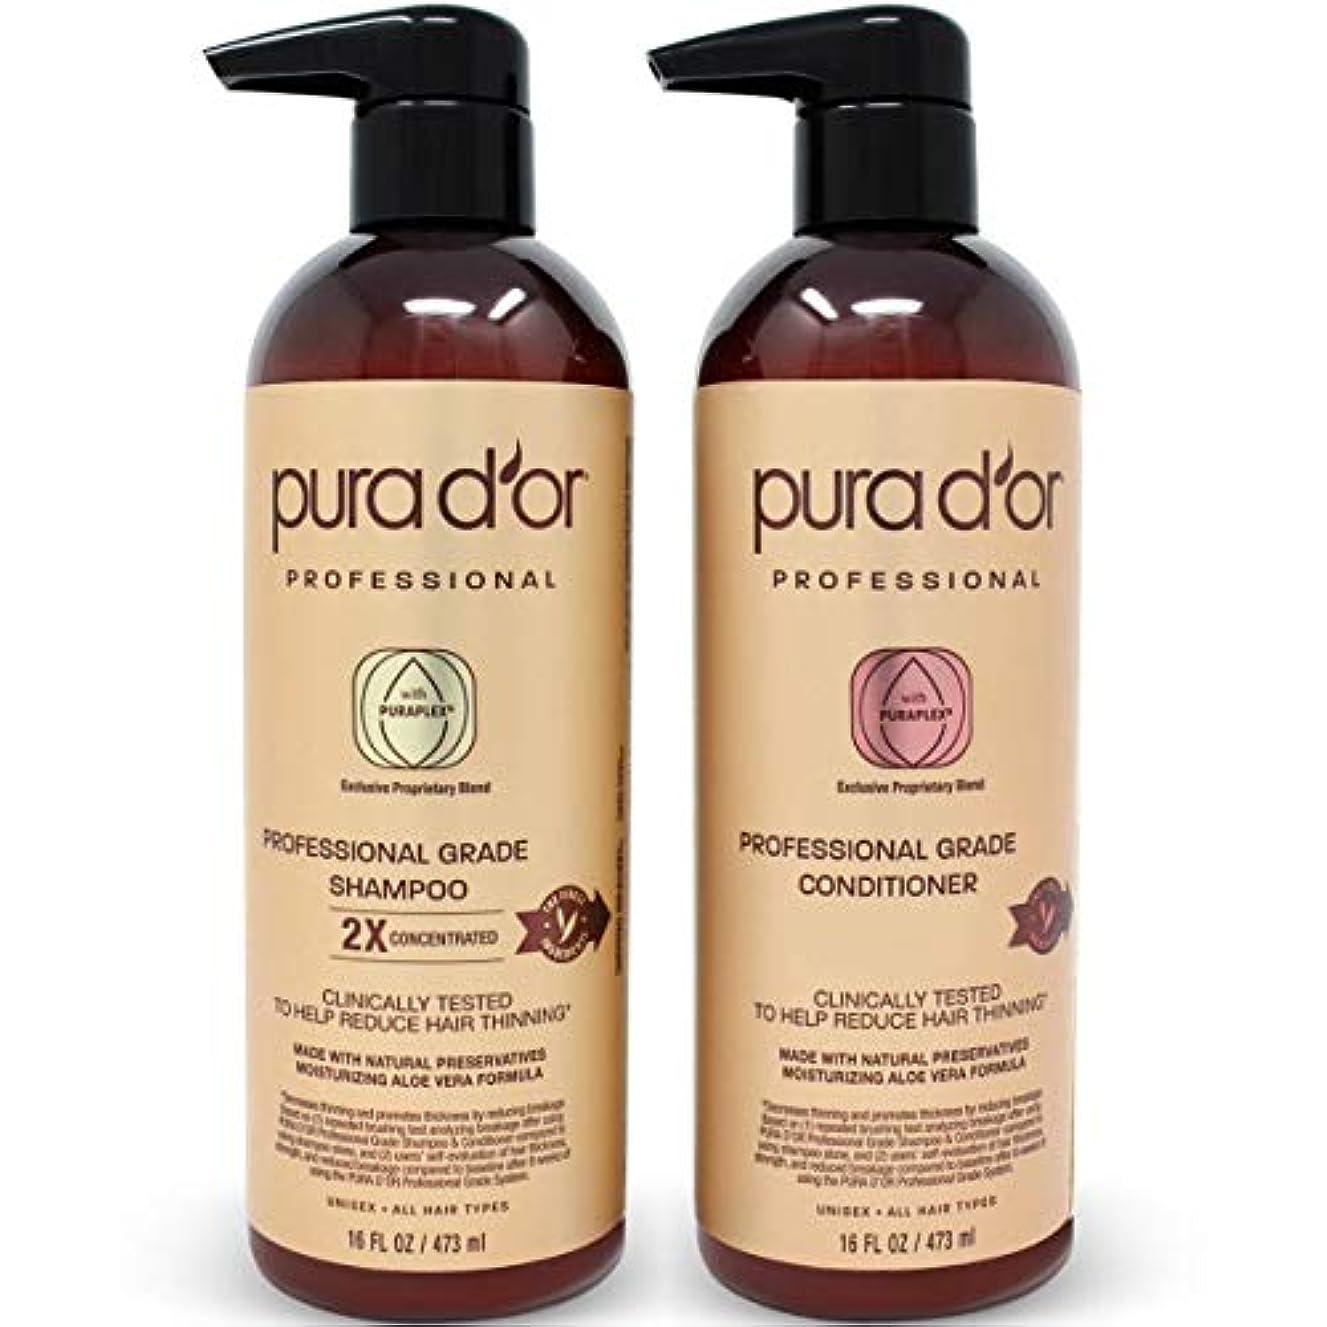 ピストル四半期ヘクタールPURA D'OR プロ仕様 薄毛予防 2倍濃縮成分 シャンプー&コンディショナー、硫酸系化合物不使用、天然原料、臨床検査済み、全ての髪タイプに、男性&女性用(パッケージは異なる場合があります) コンボ(シャンプー&コンディショナー)